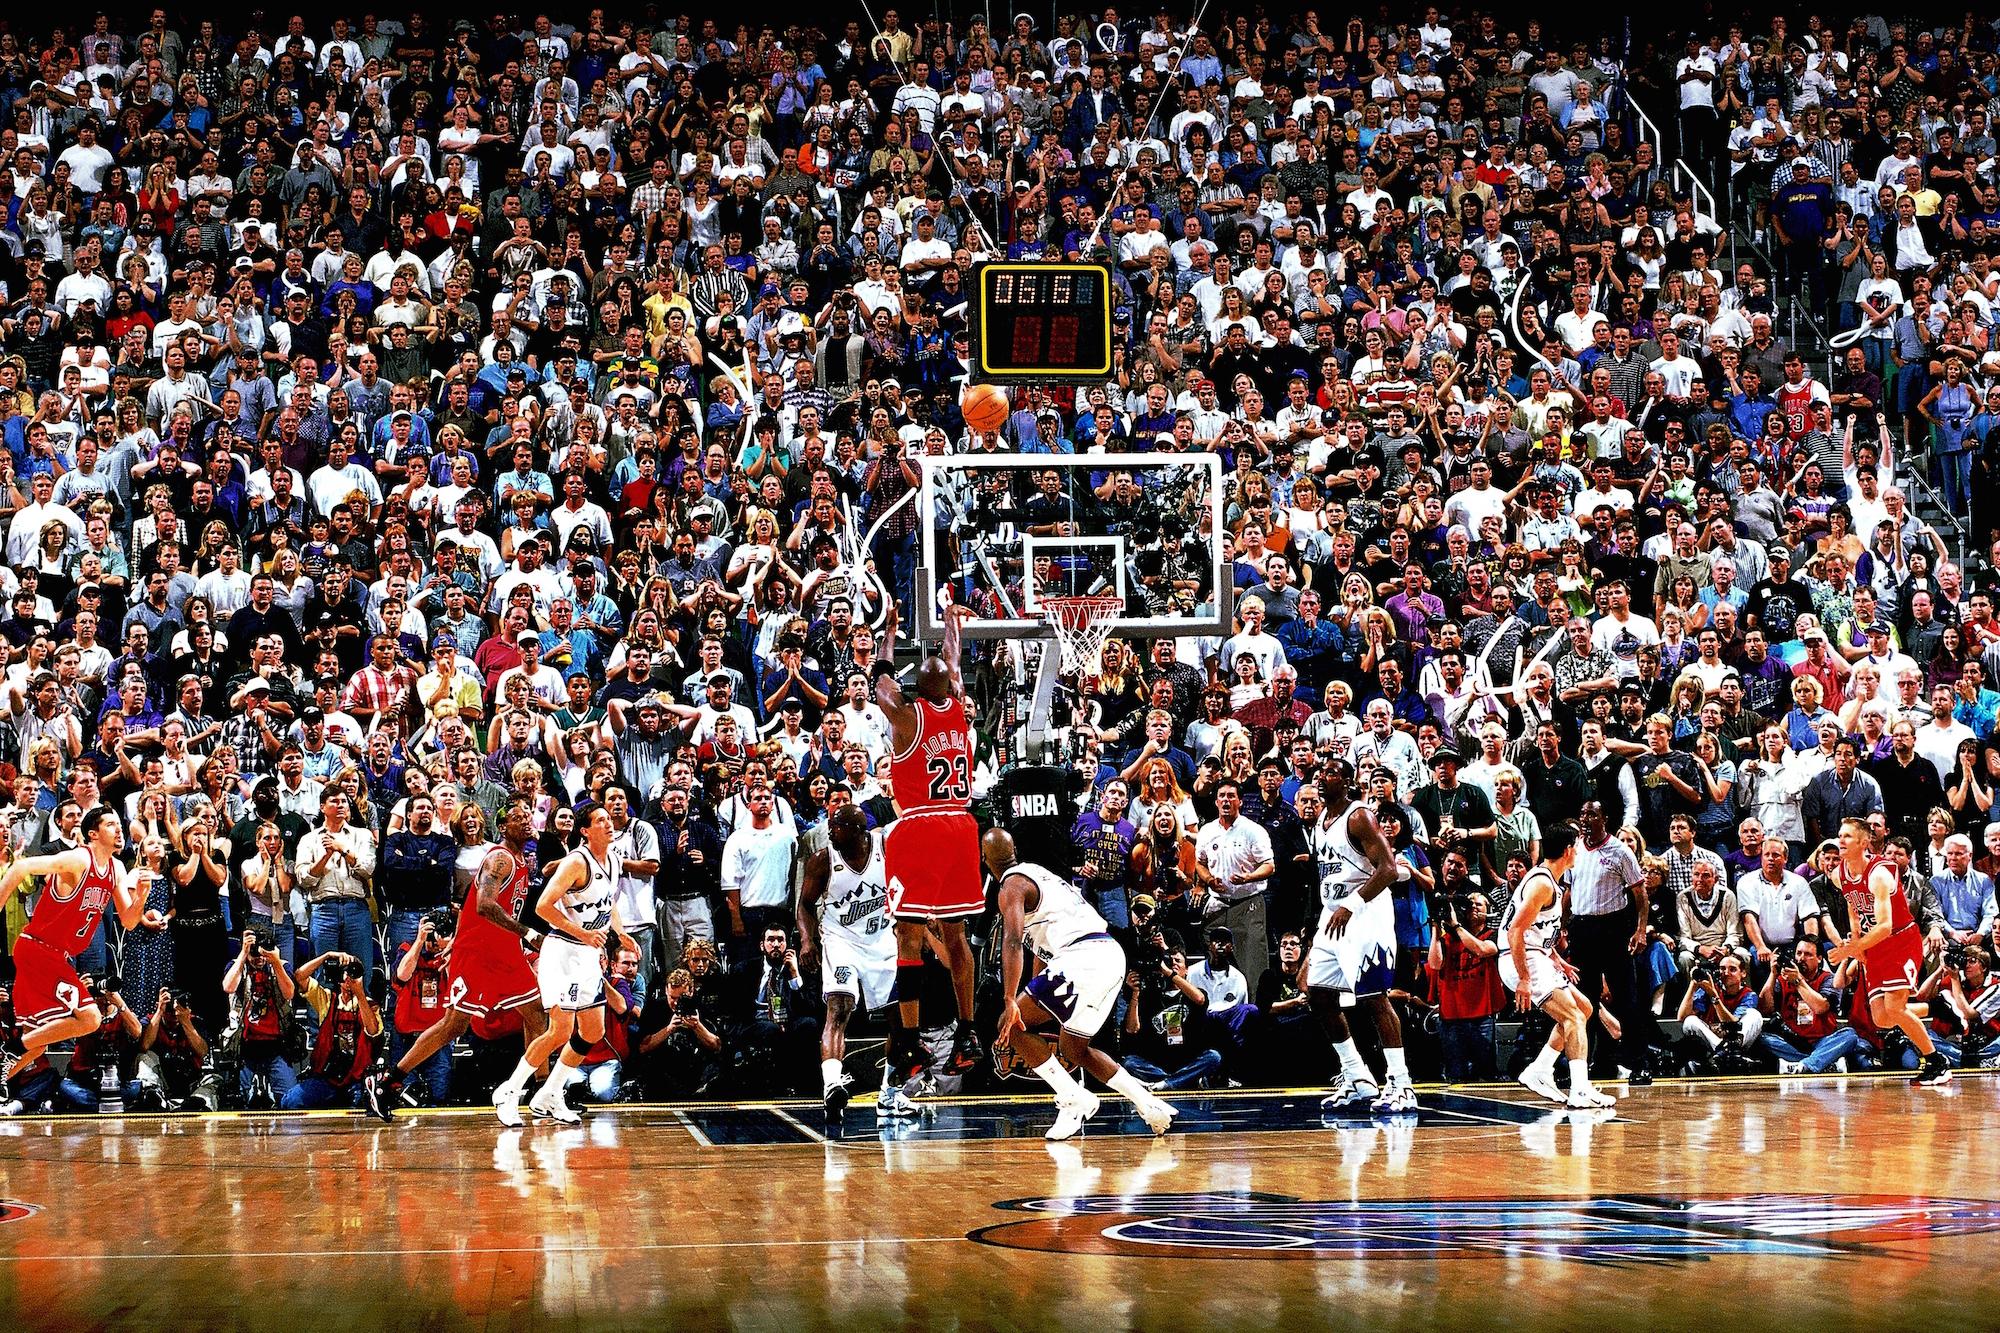 1998 NBA Finals - Michael Jordan last-shot